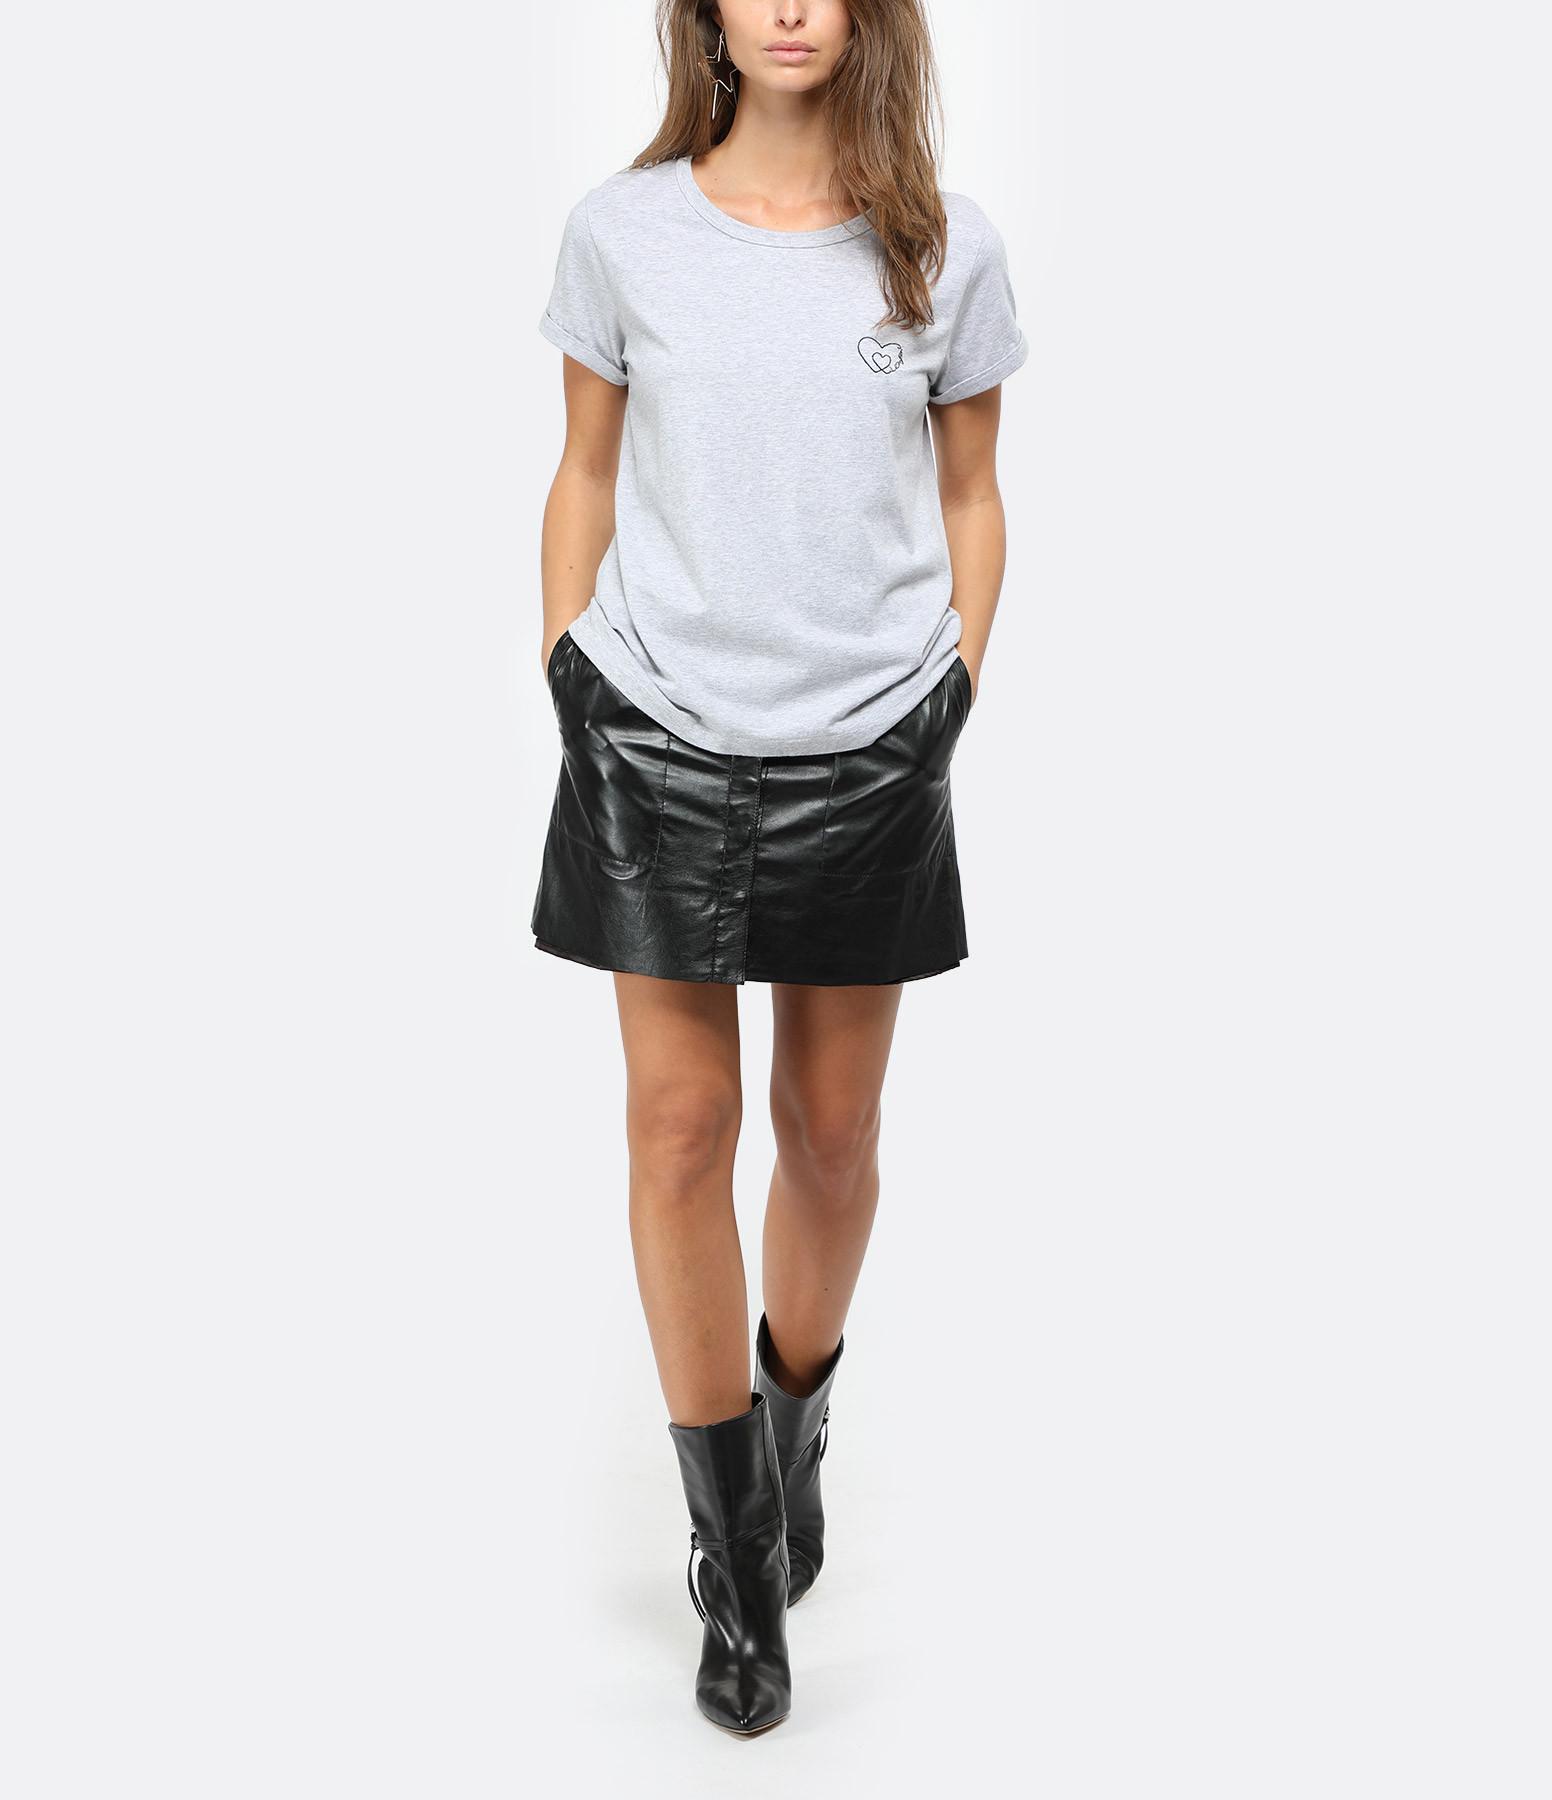 MAISON LABICHE - Tee-shirt  À l'Infini Gris